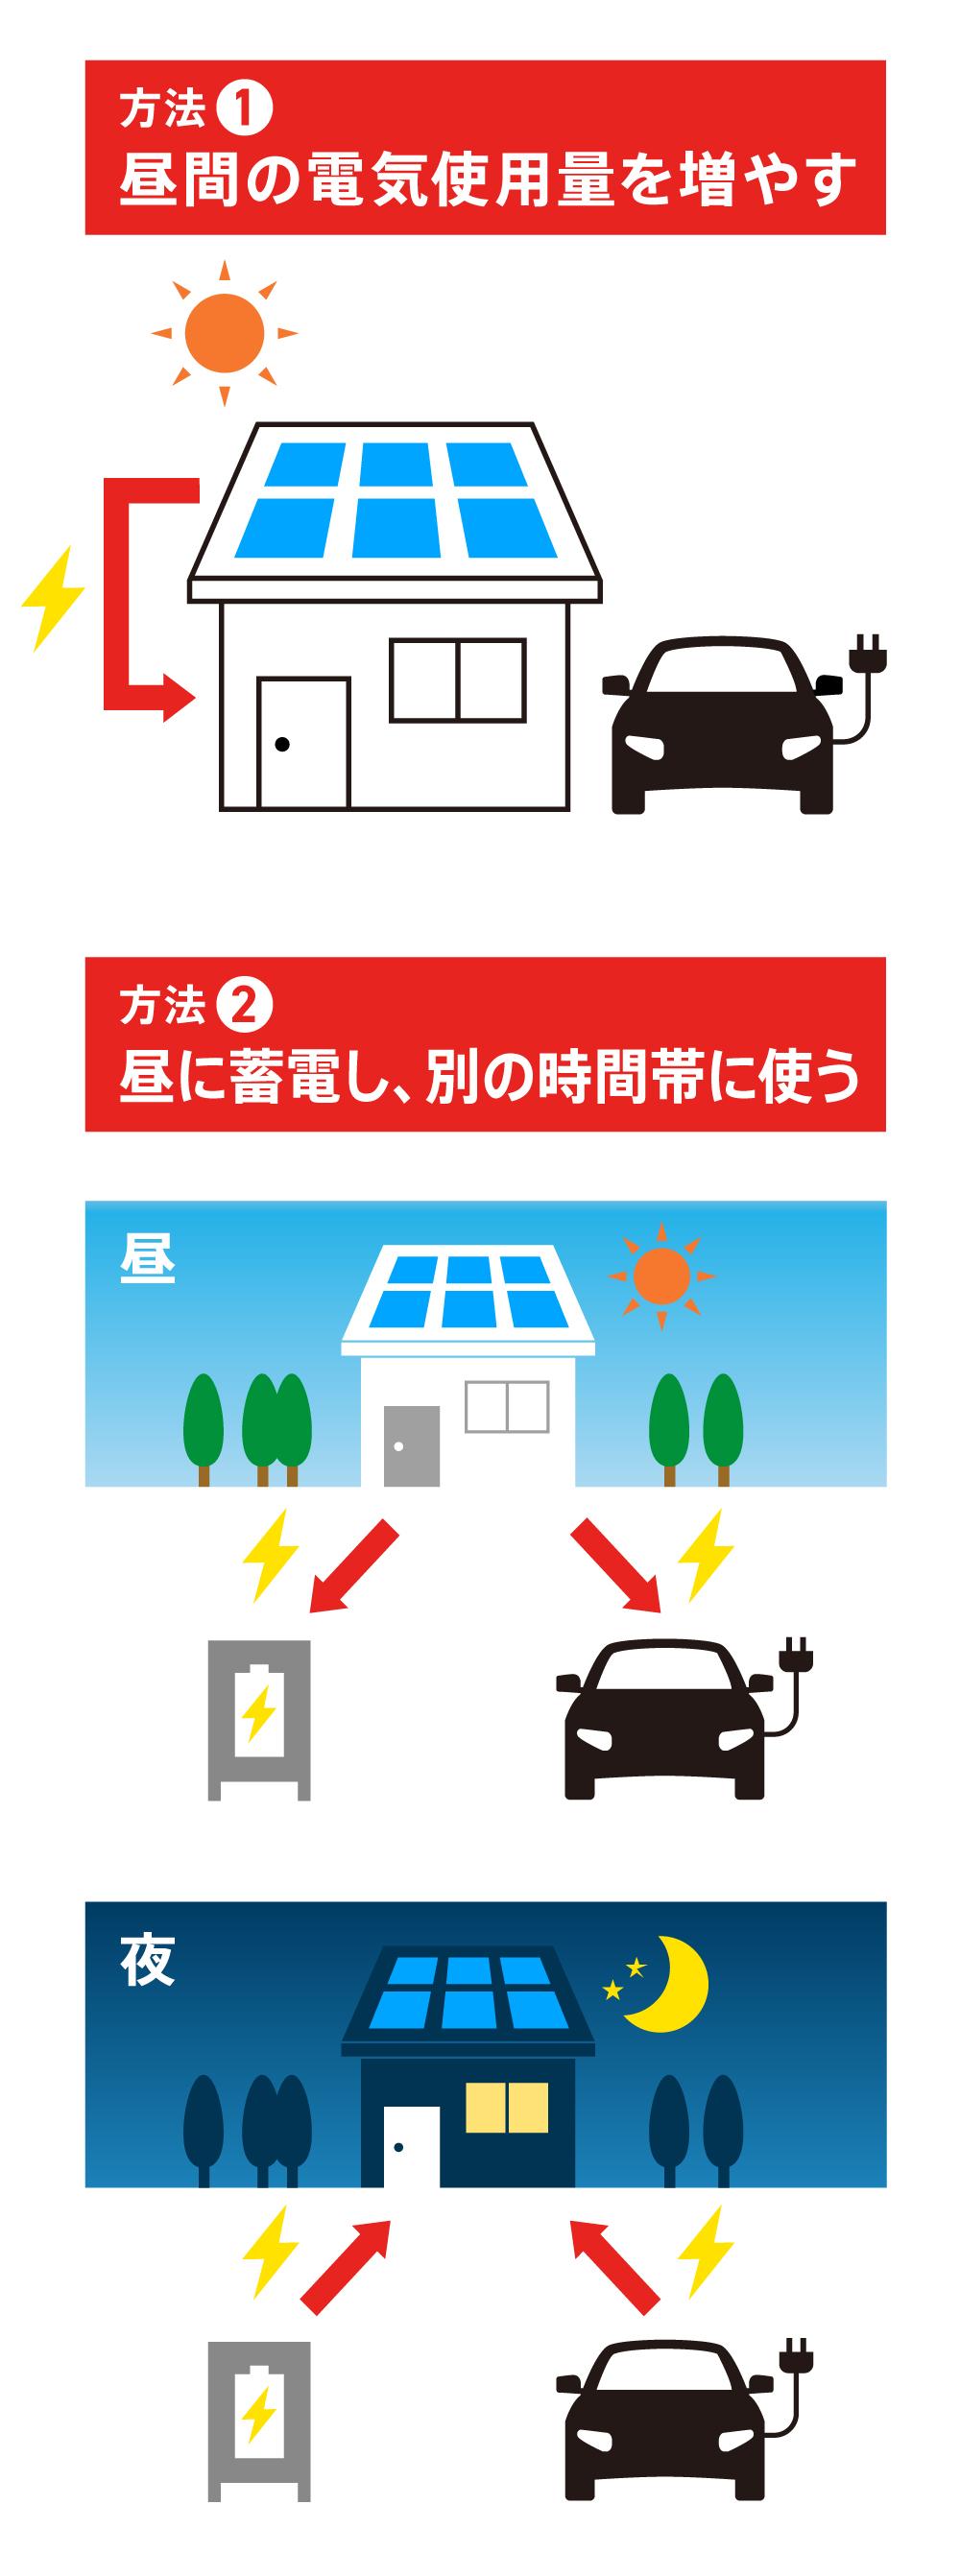 〈図〉電気の自家消費量を増やす方法